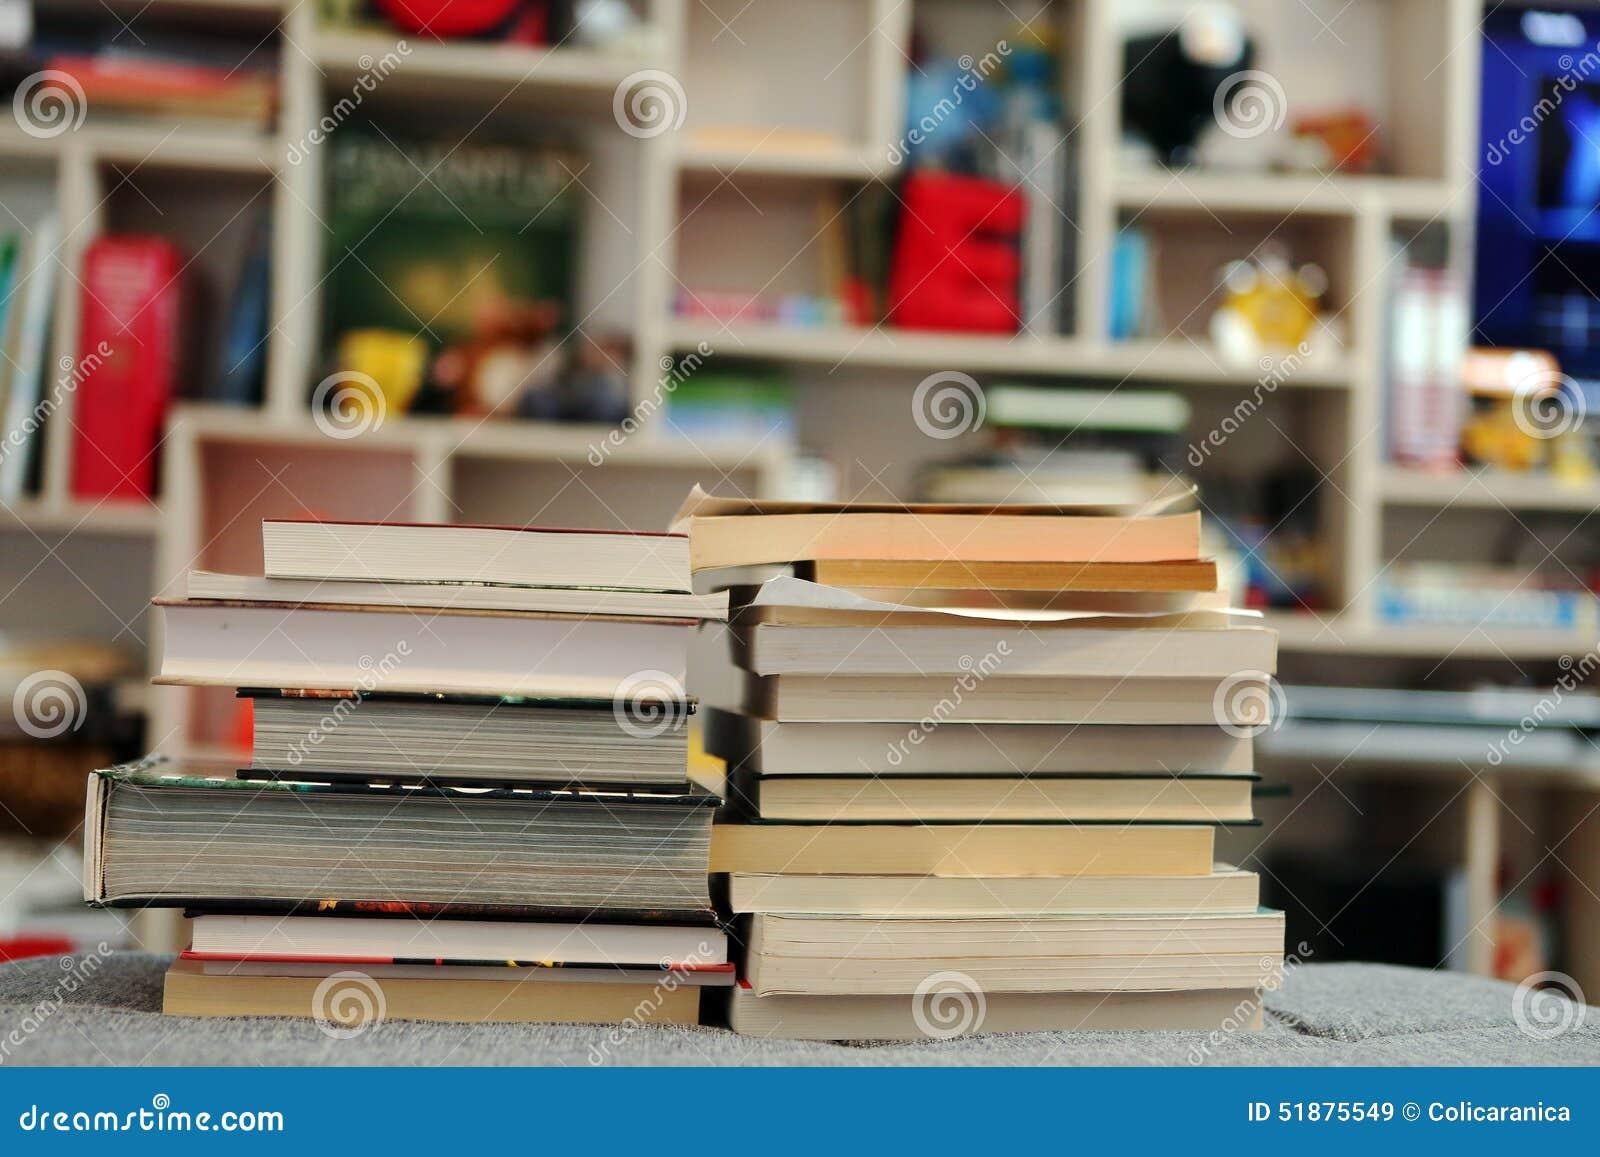 登记图书馆